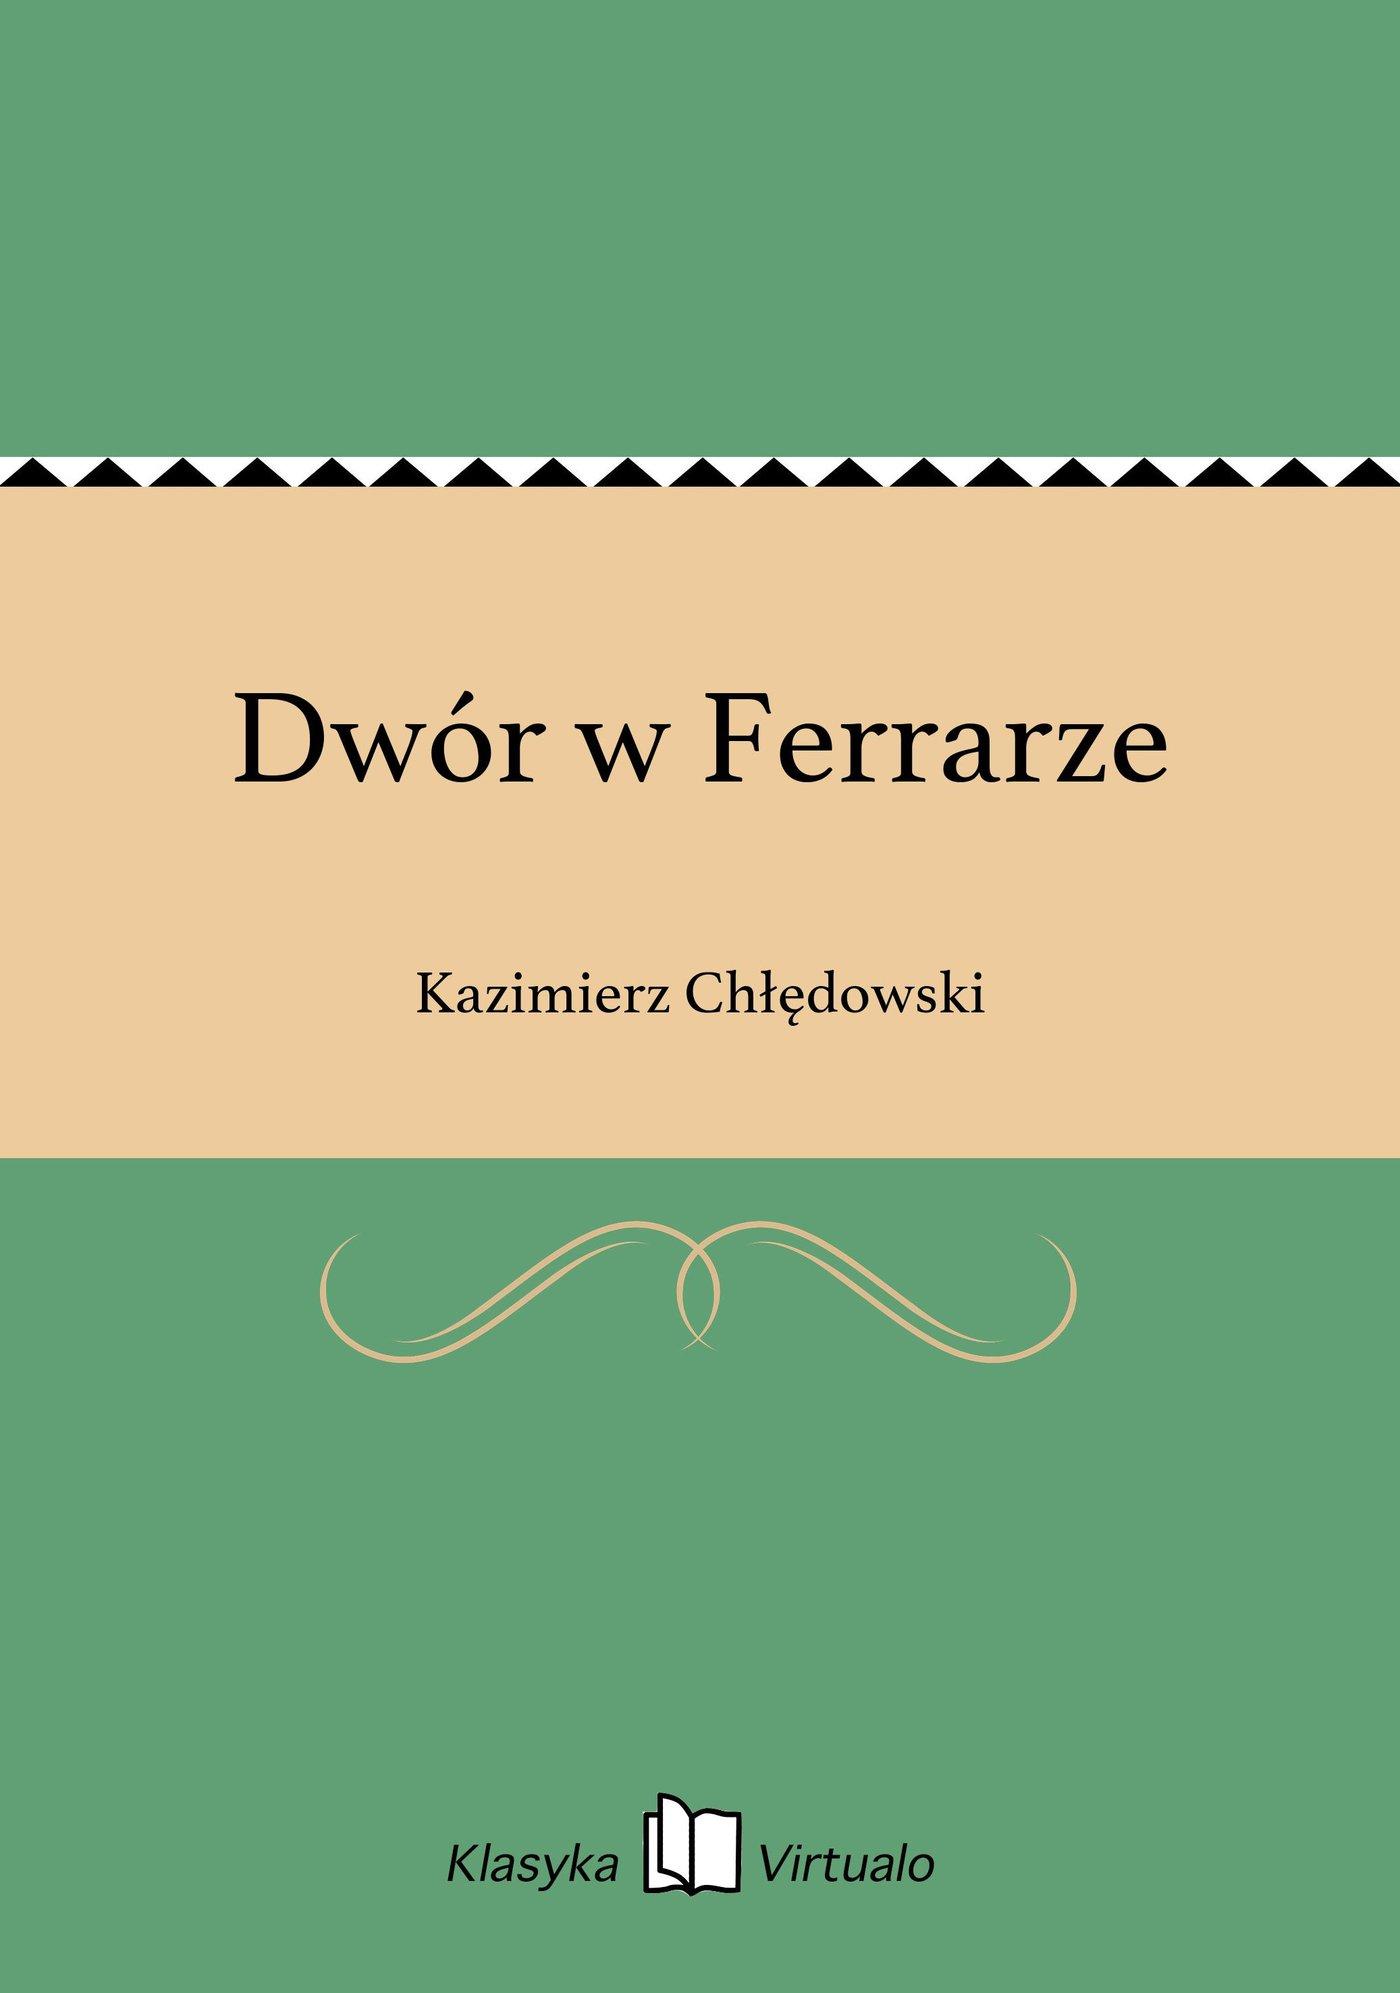 Dwór w Ferrarze - Ebook (Książka na Kindle) do pobrania w formacie MOBI